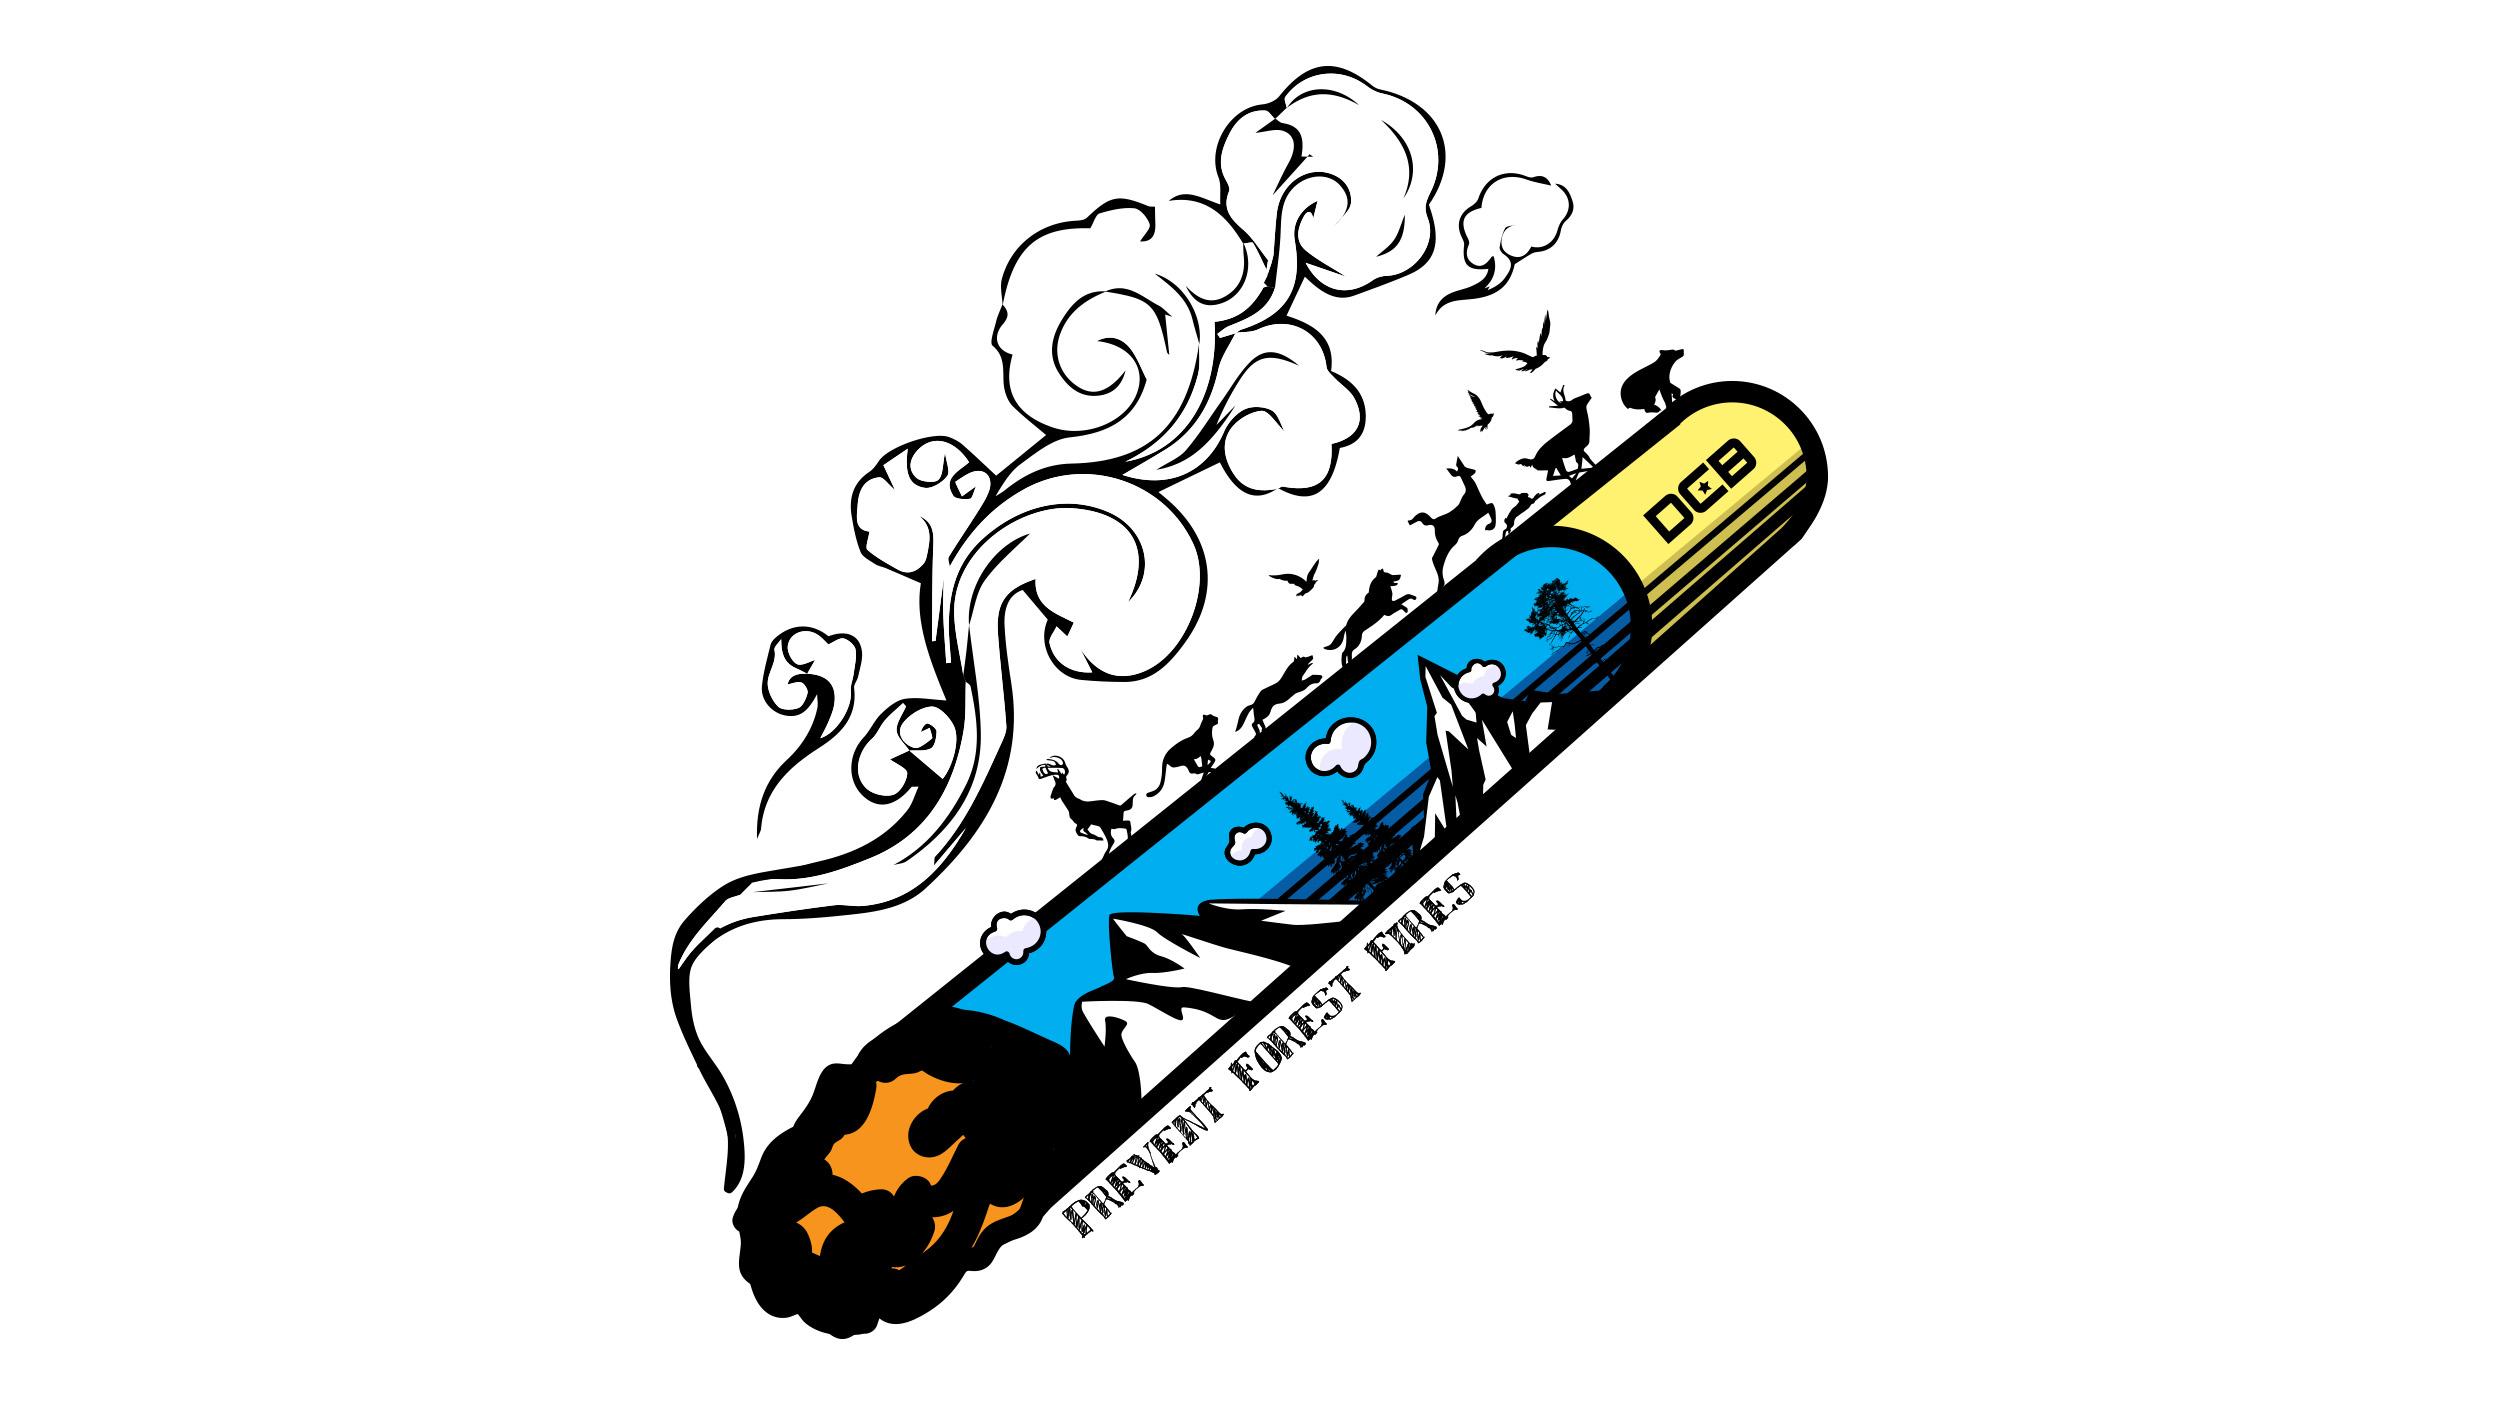 DCB_Cigarette_Forest_Fire.jpg